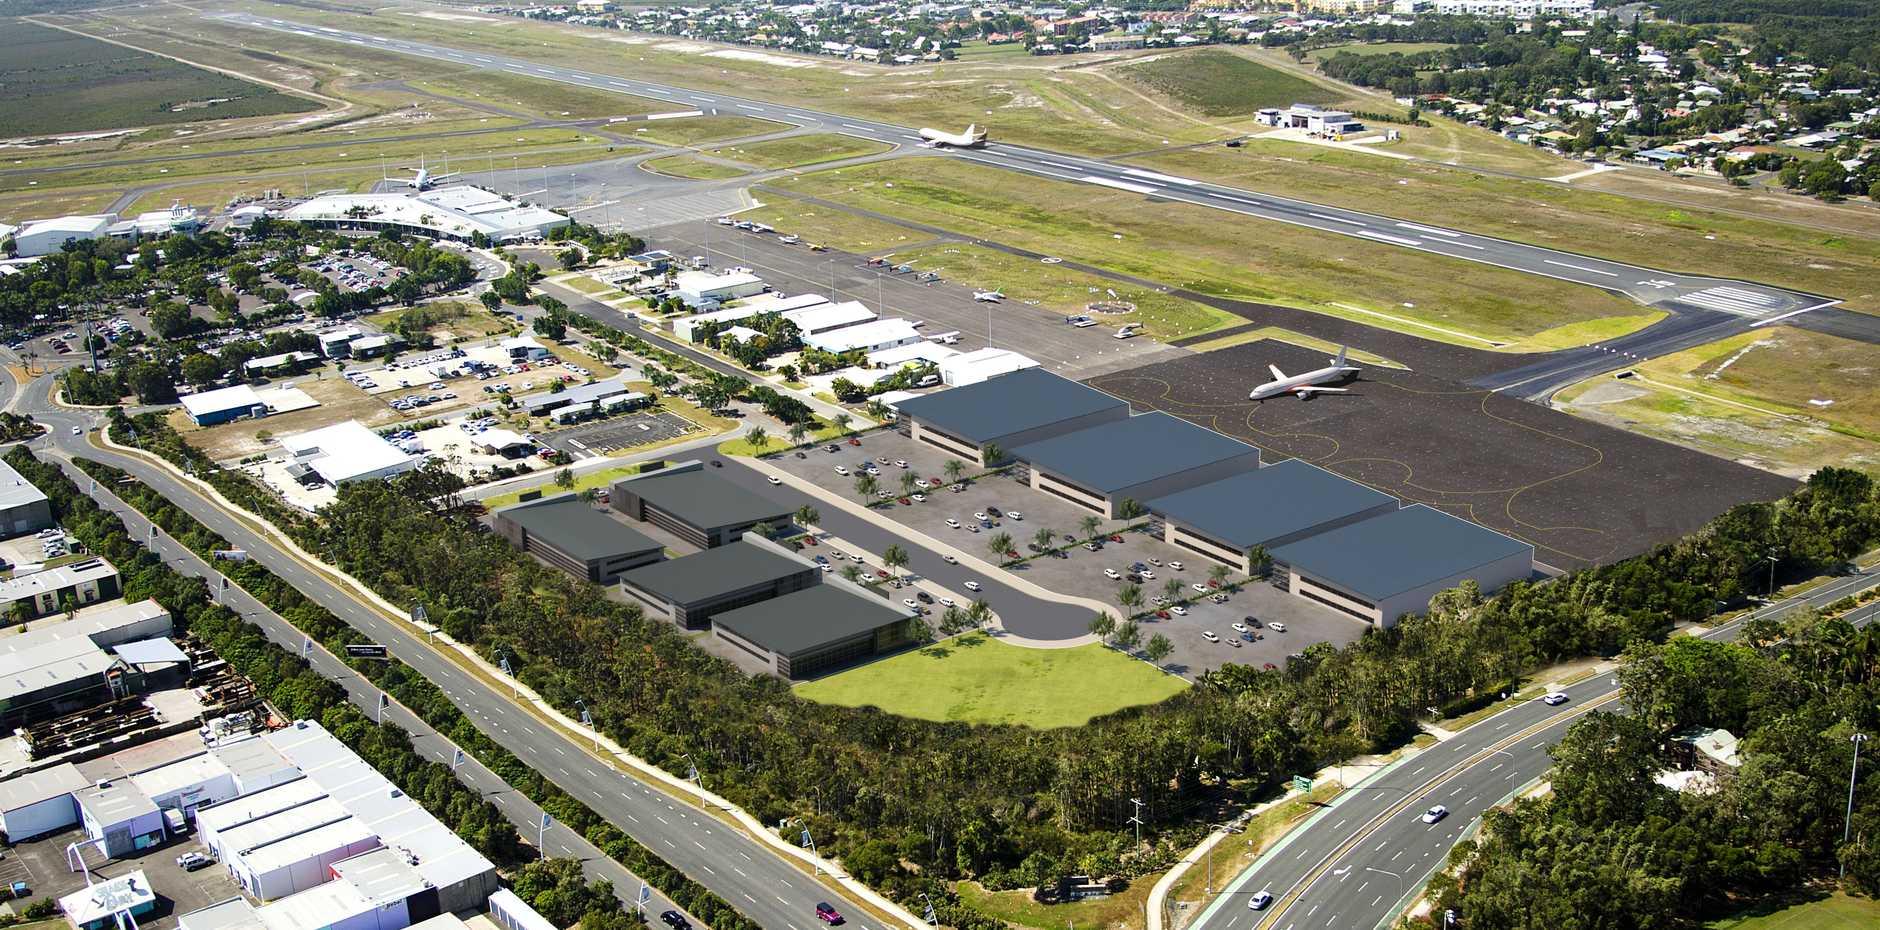 Artist's impression of Sunshine Coast Aerospace Precinct (SCAP).